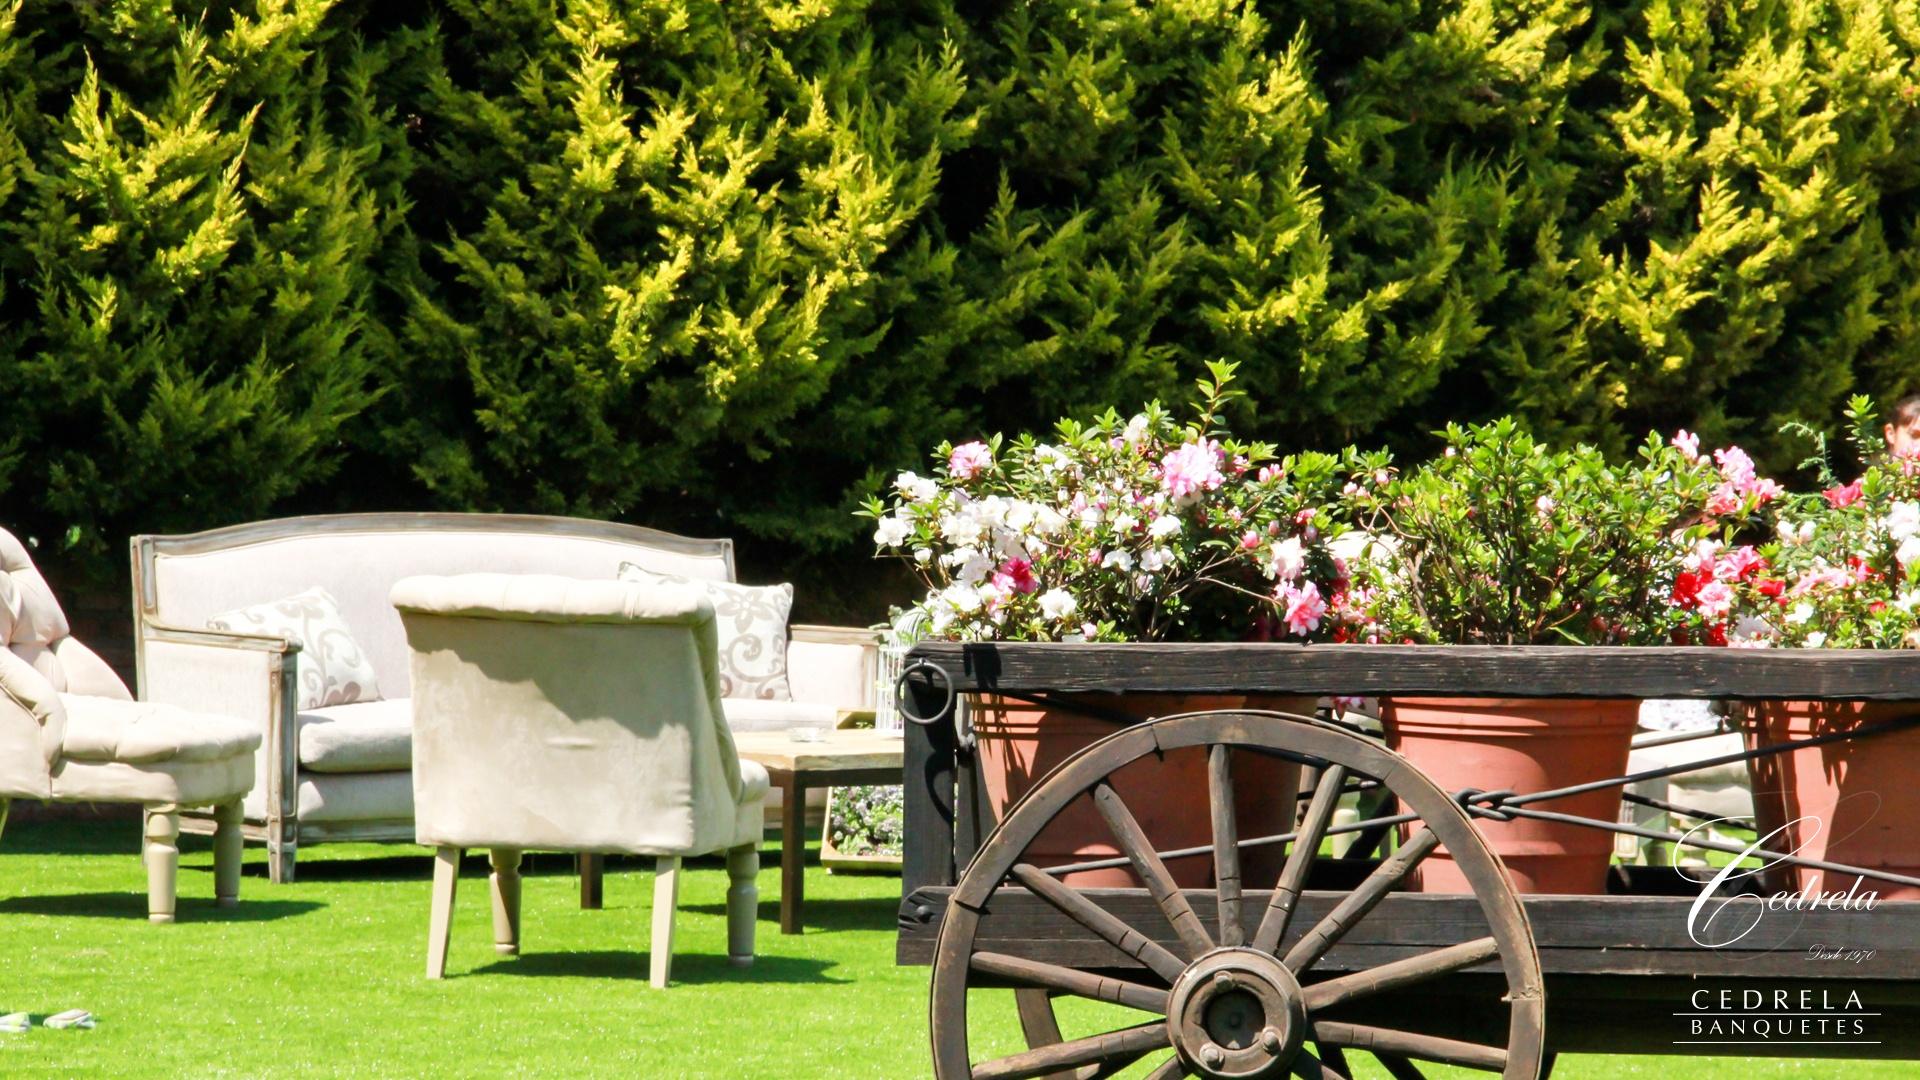 Los 5 jardines m s bonitos para casarte en cdmx for Jardines baratos